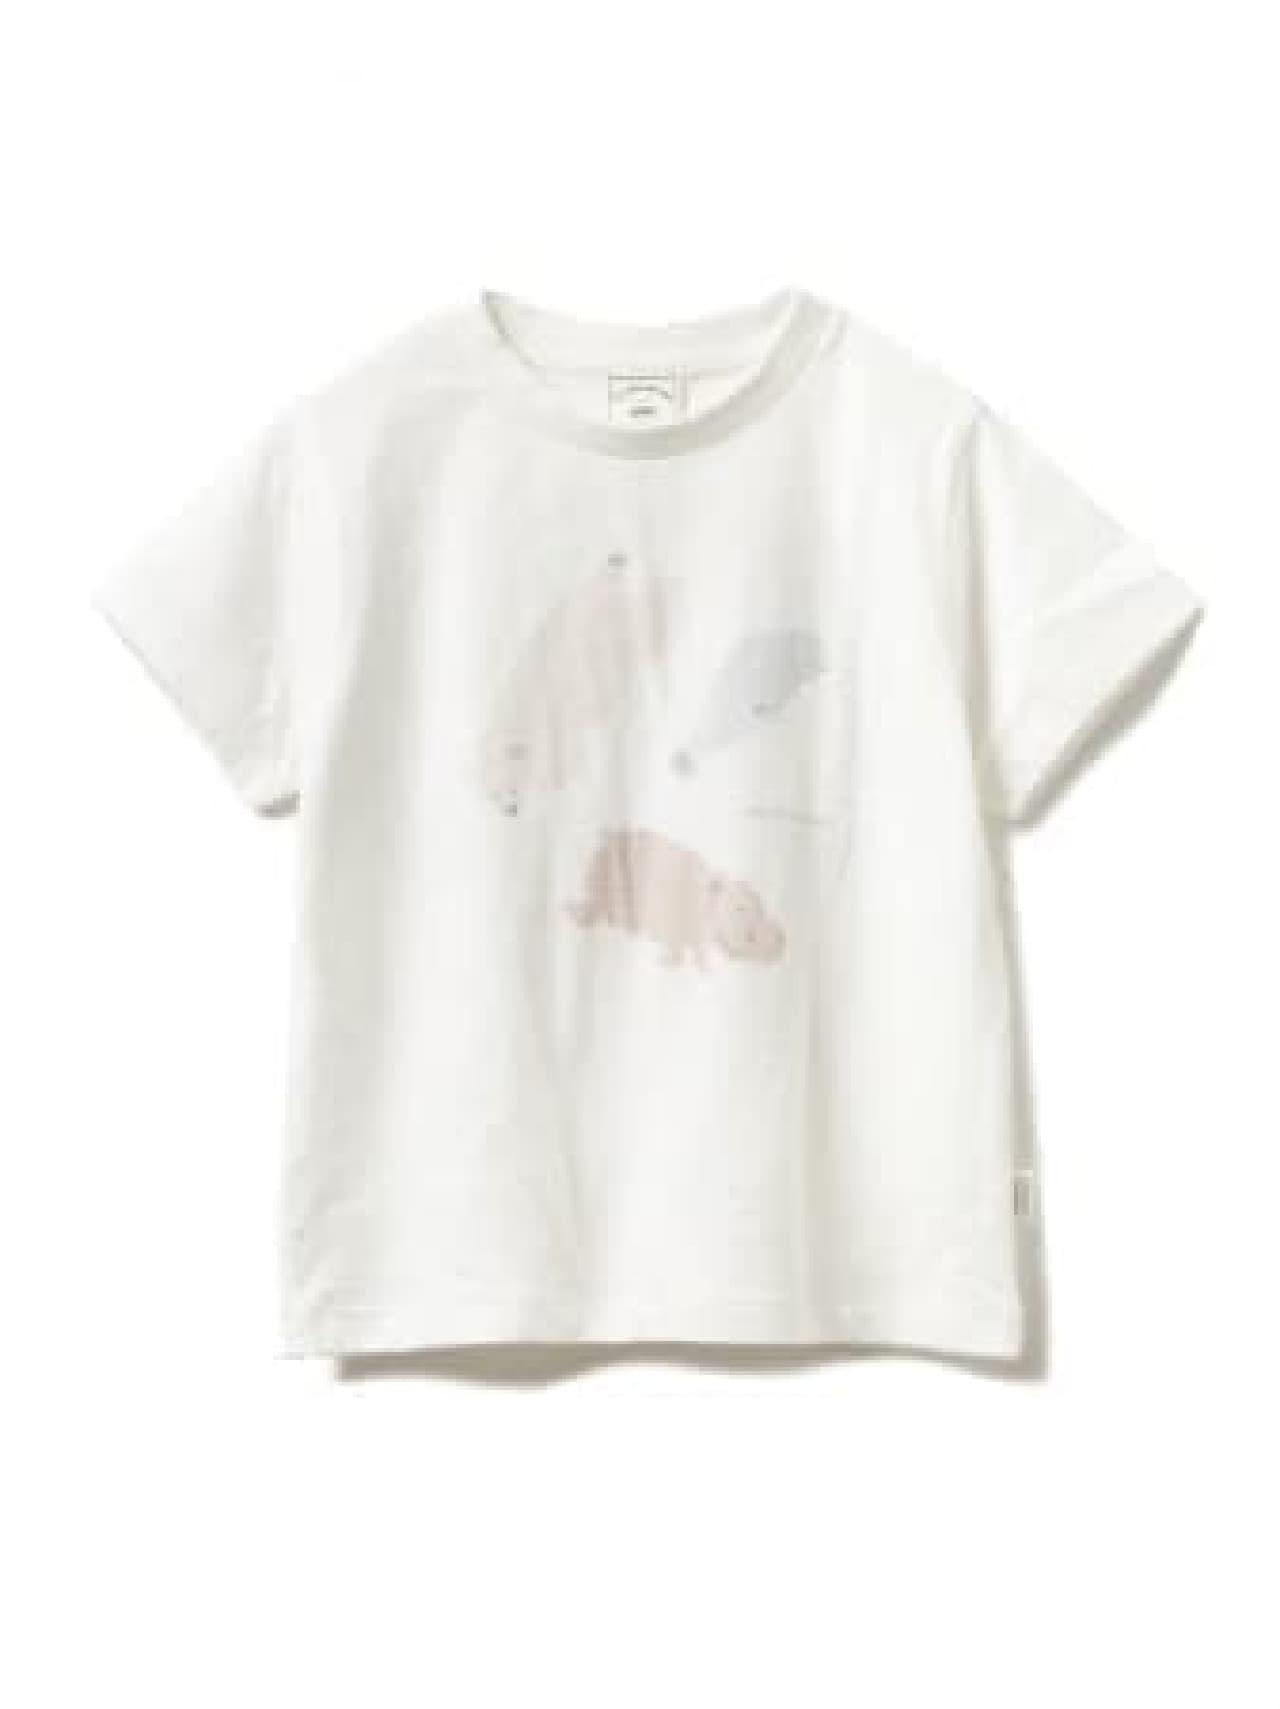 ジェラート ピケと旭山動物園がコラボ! -- 動物たちが描かれたTシャツやバッグなど